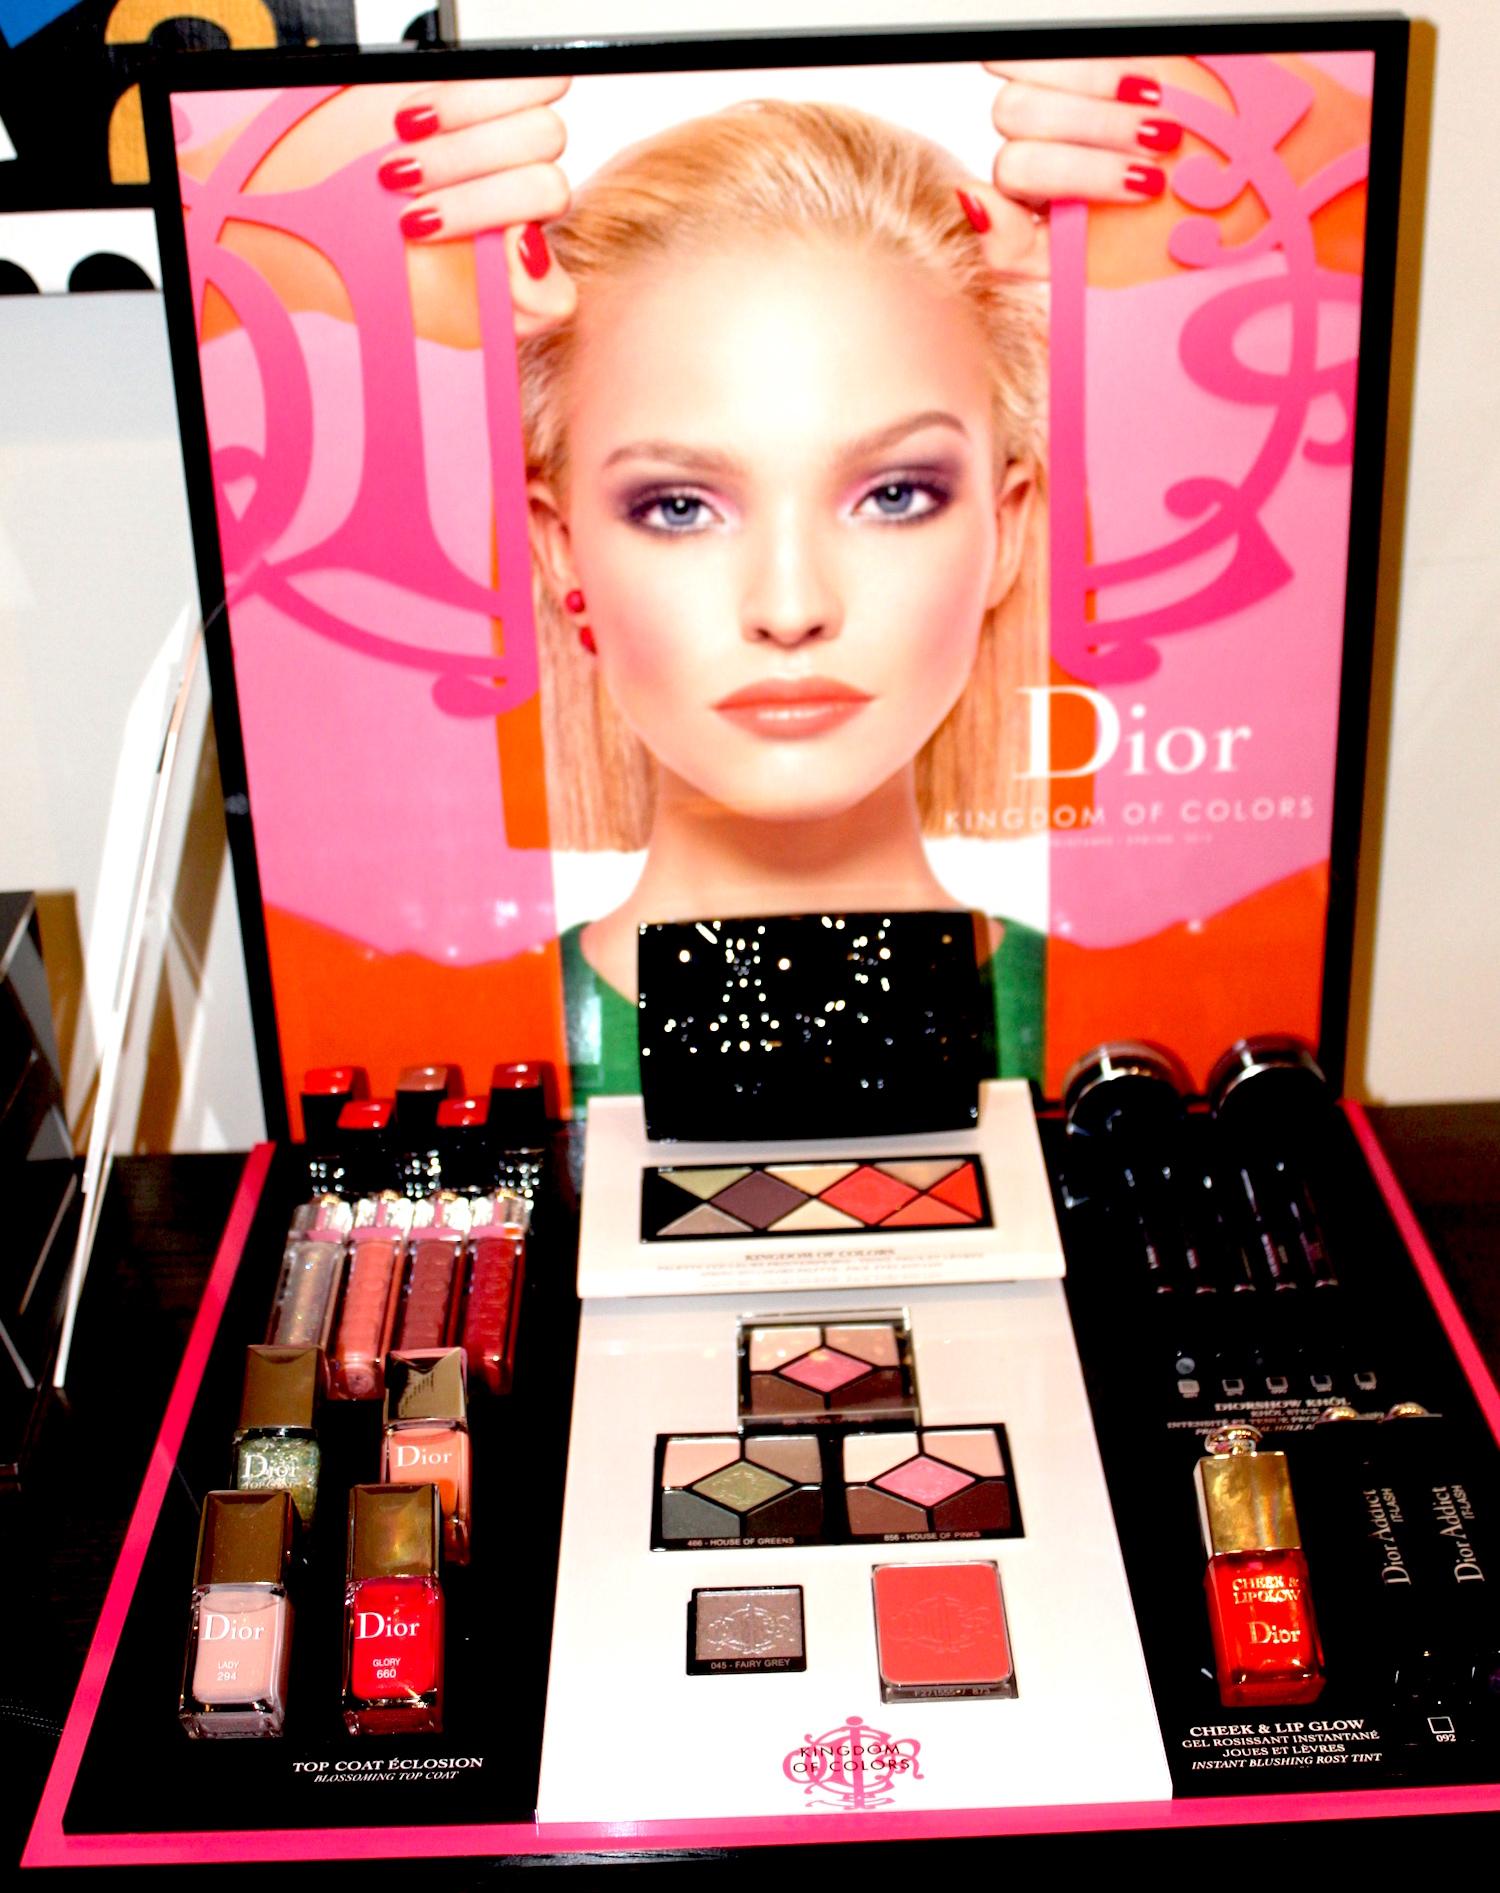 Dbexpo Dior